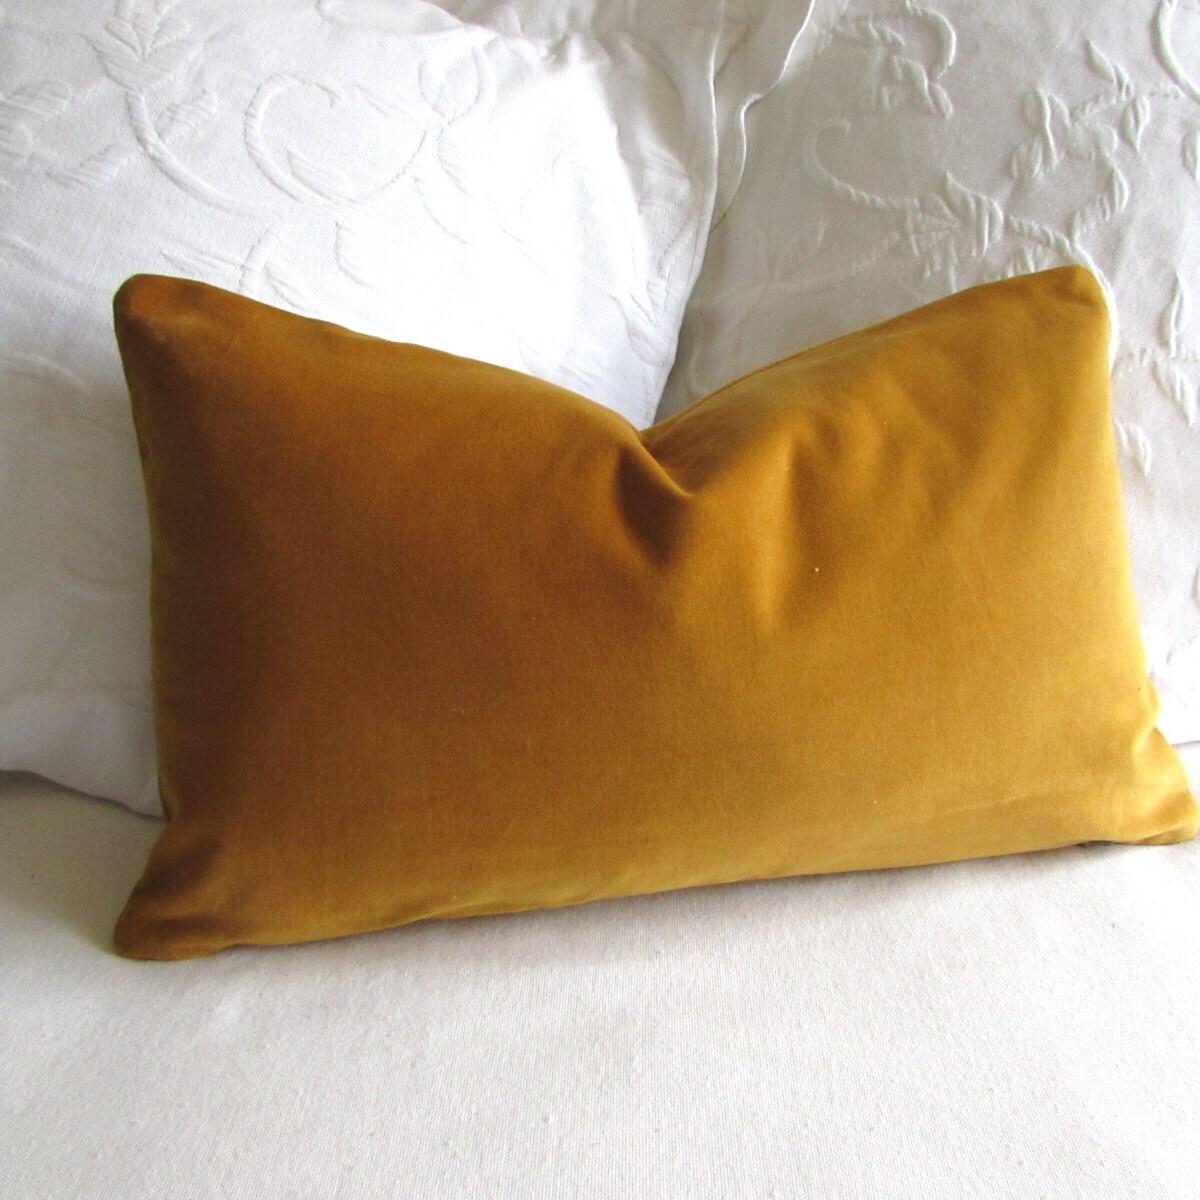 Antique Gold Decorative Pillows : VELVET decorative Pillow 12x20 includes insert antique gold